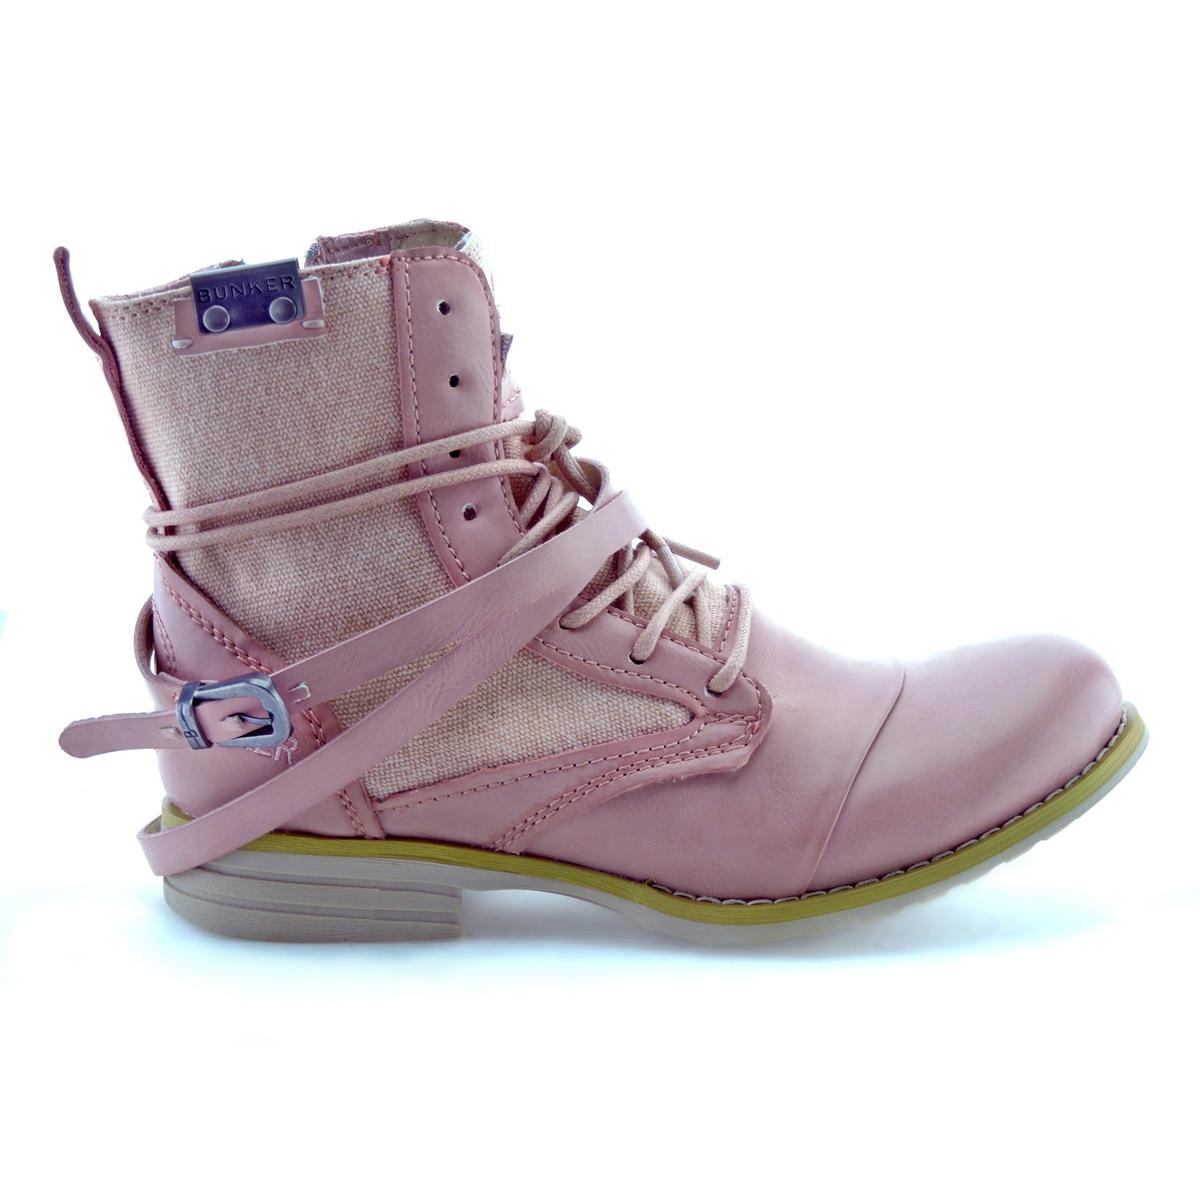 Ботильоны SaraВерх : синтетика   Подкладка : кожа   Стелька : кожа   Подошва : эластомер   Высота каблука : 2,5 см   Форма каблука : плоский каблук   Мысок : закругленный мысок  Застежка : молния<br><br>Цвет: розовый<br>Размер: 37